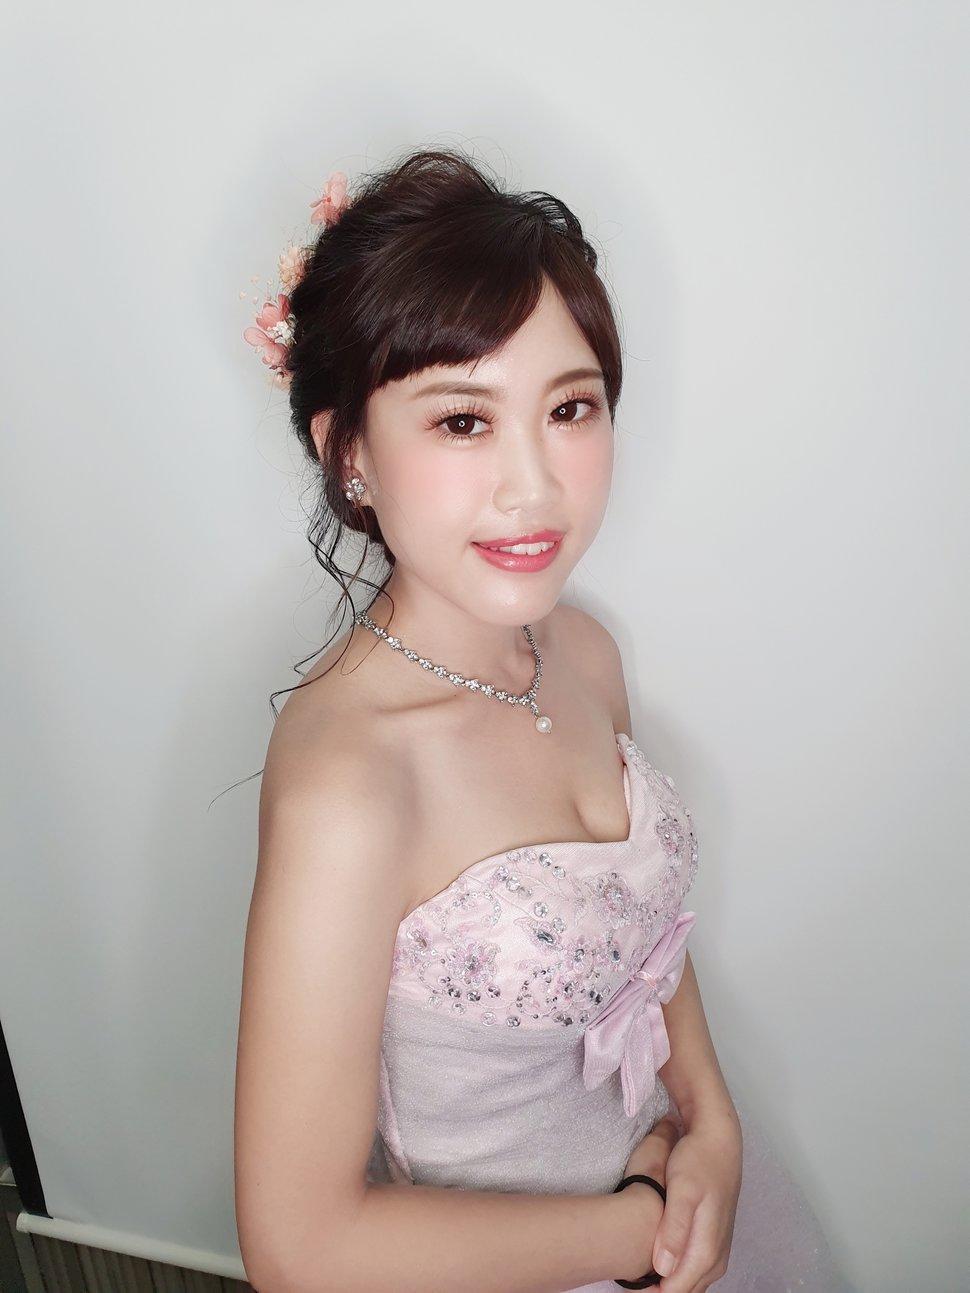 MAKEUP_20190815135820_save_mh1565853918146 - may beatuy 新娘秘書 整體造型《結婚吧》